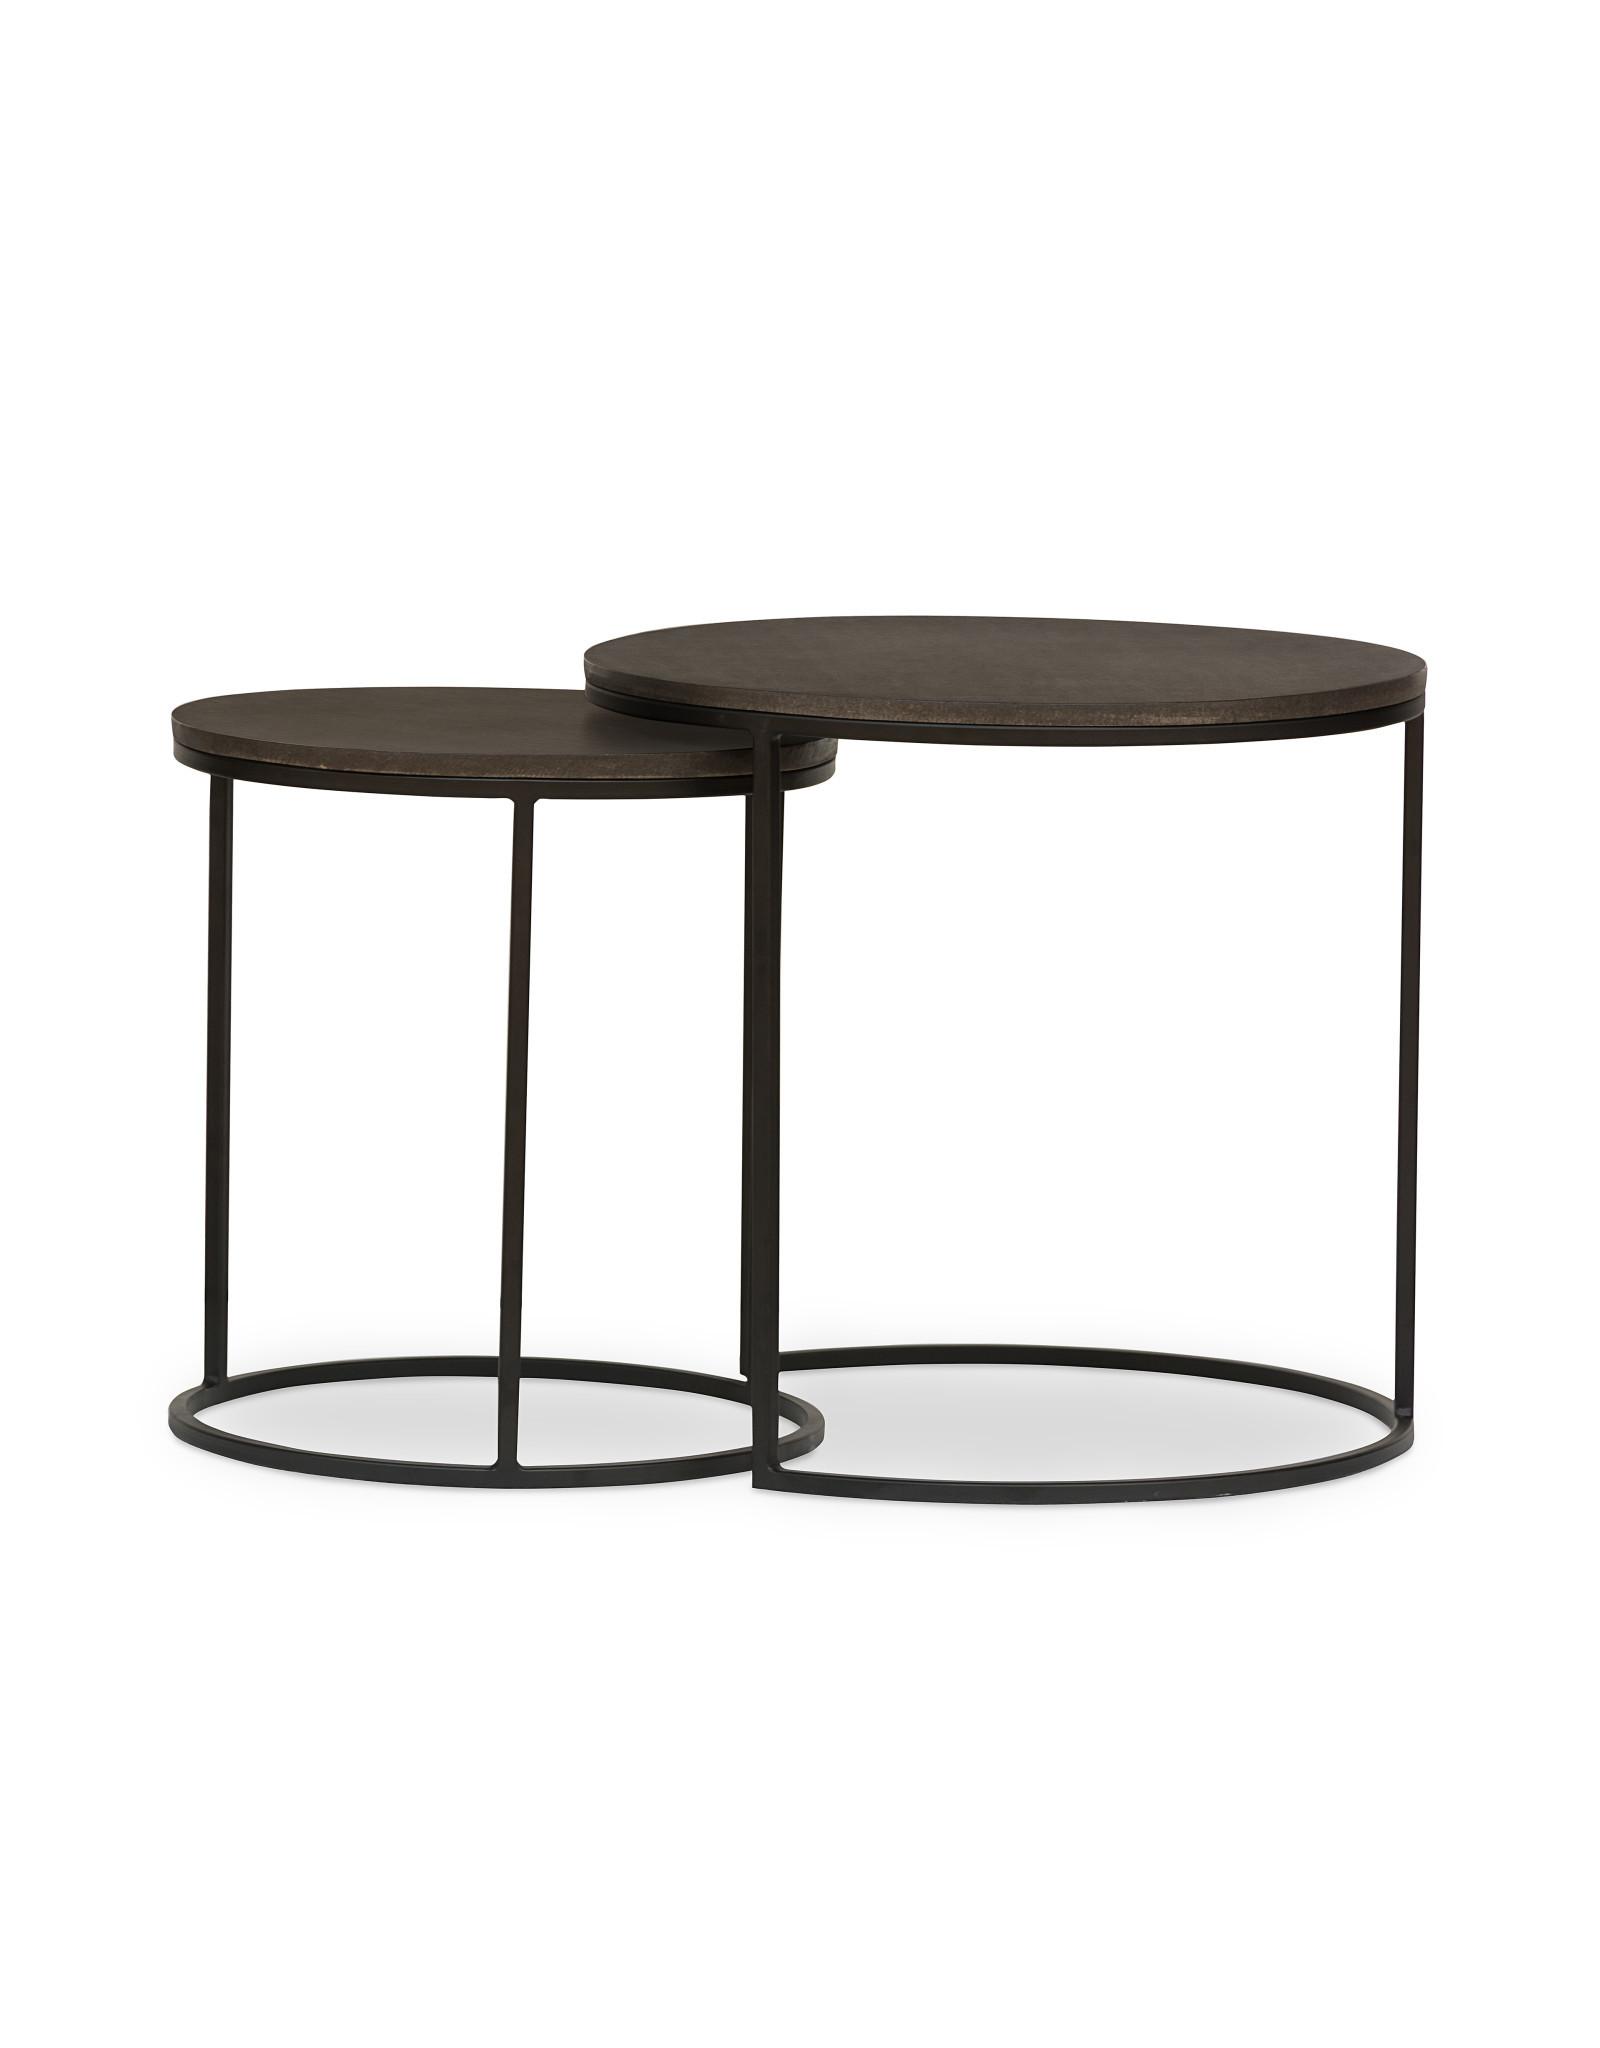 SIDE TABLE LAVASTONE LARGE